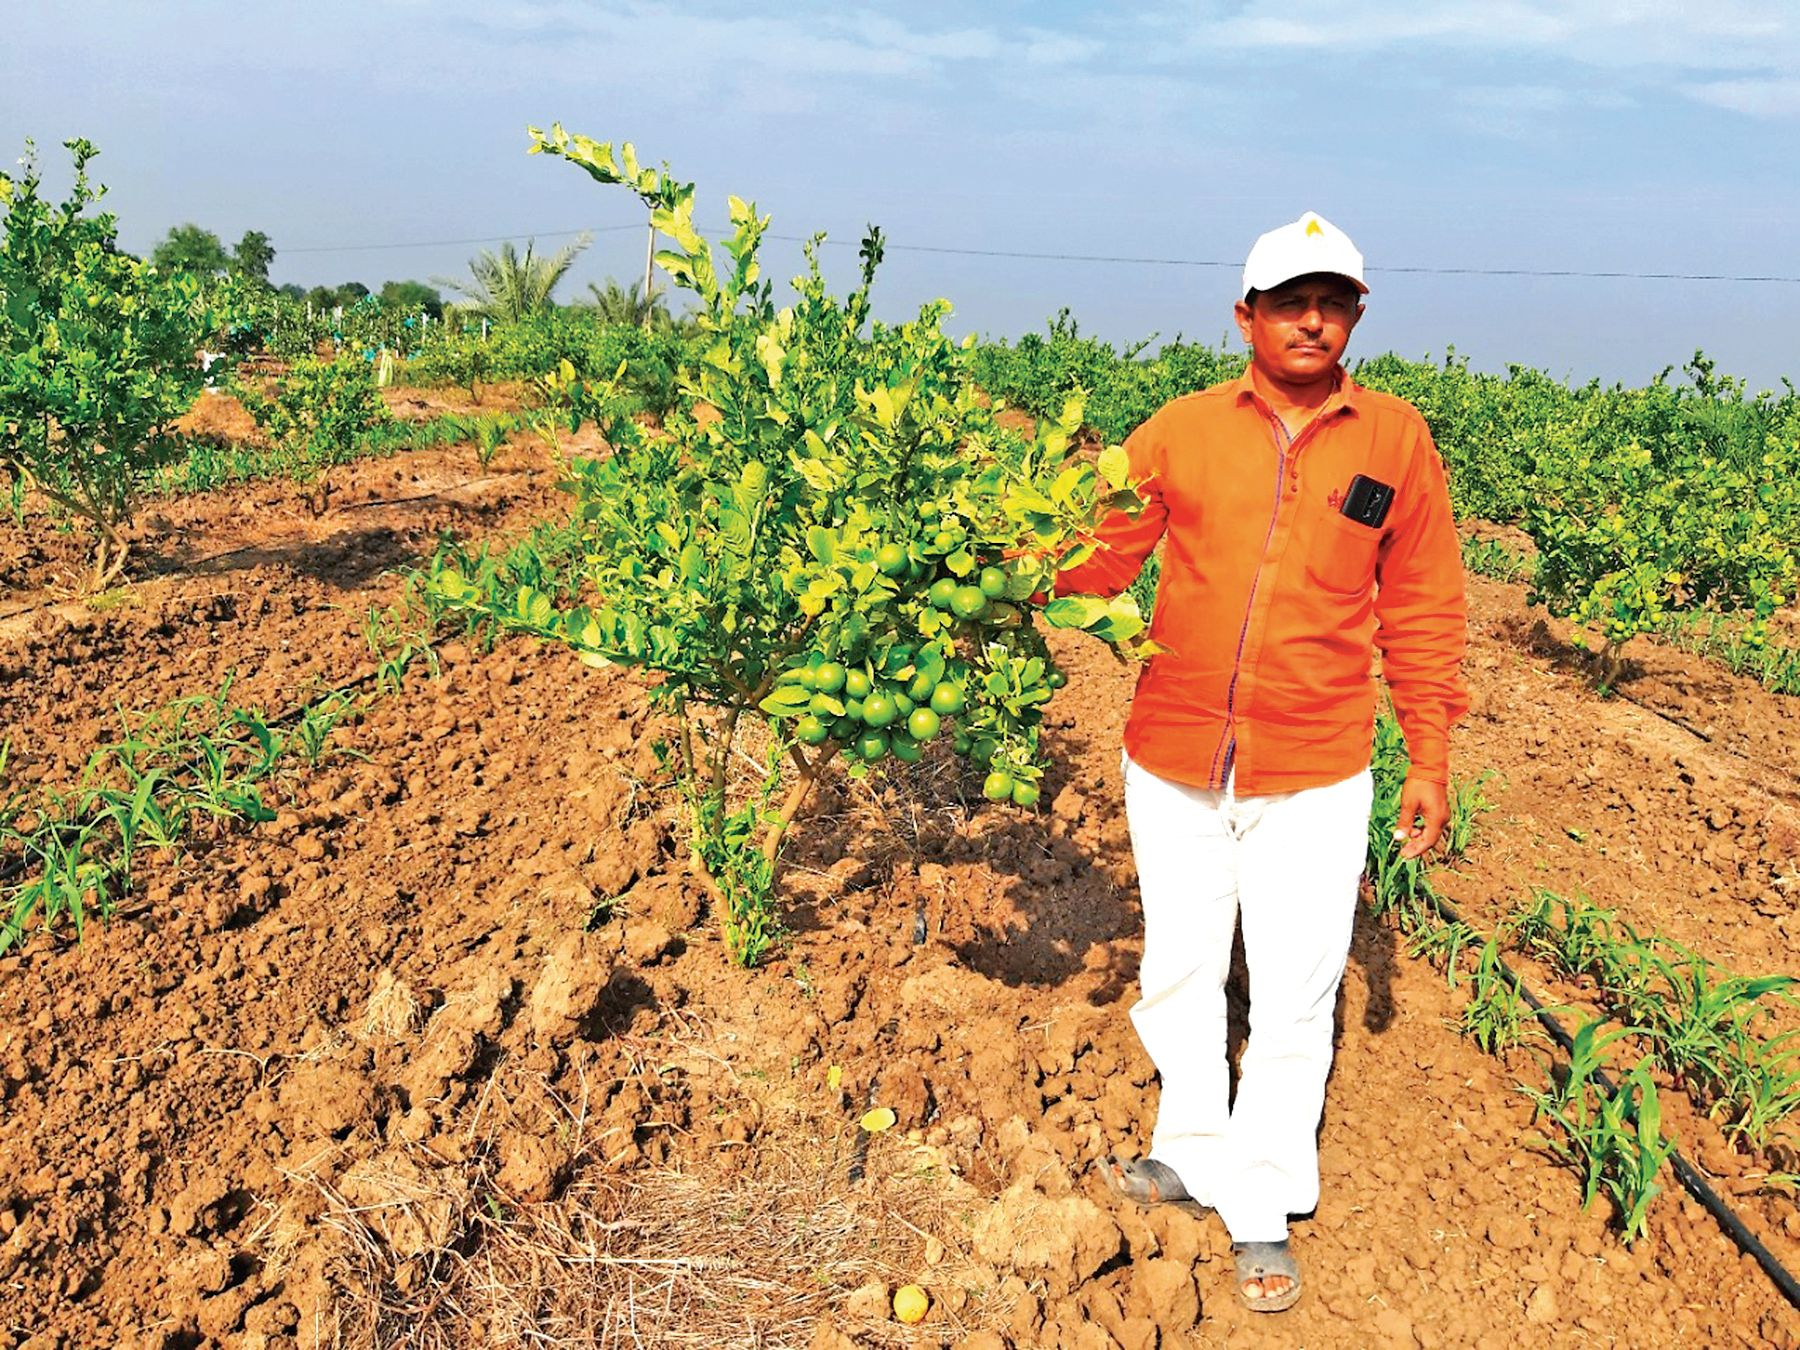 જામફળની ખેતીમાં સફળ થયેલા ખેડૂત